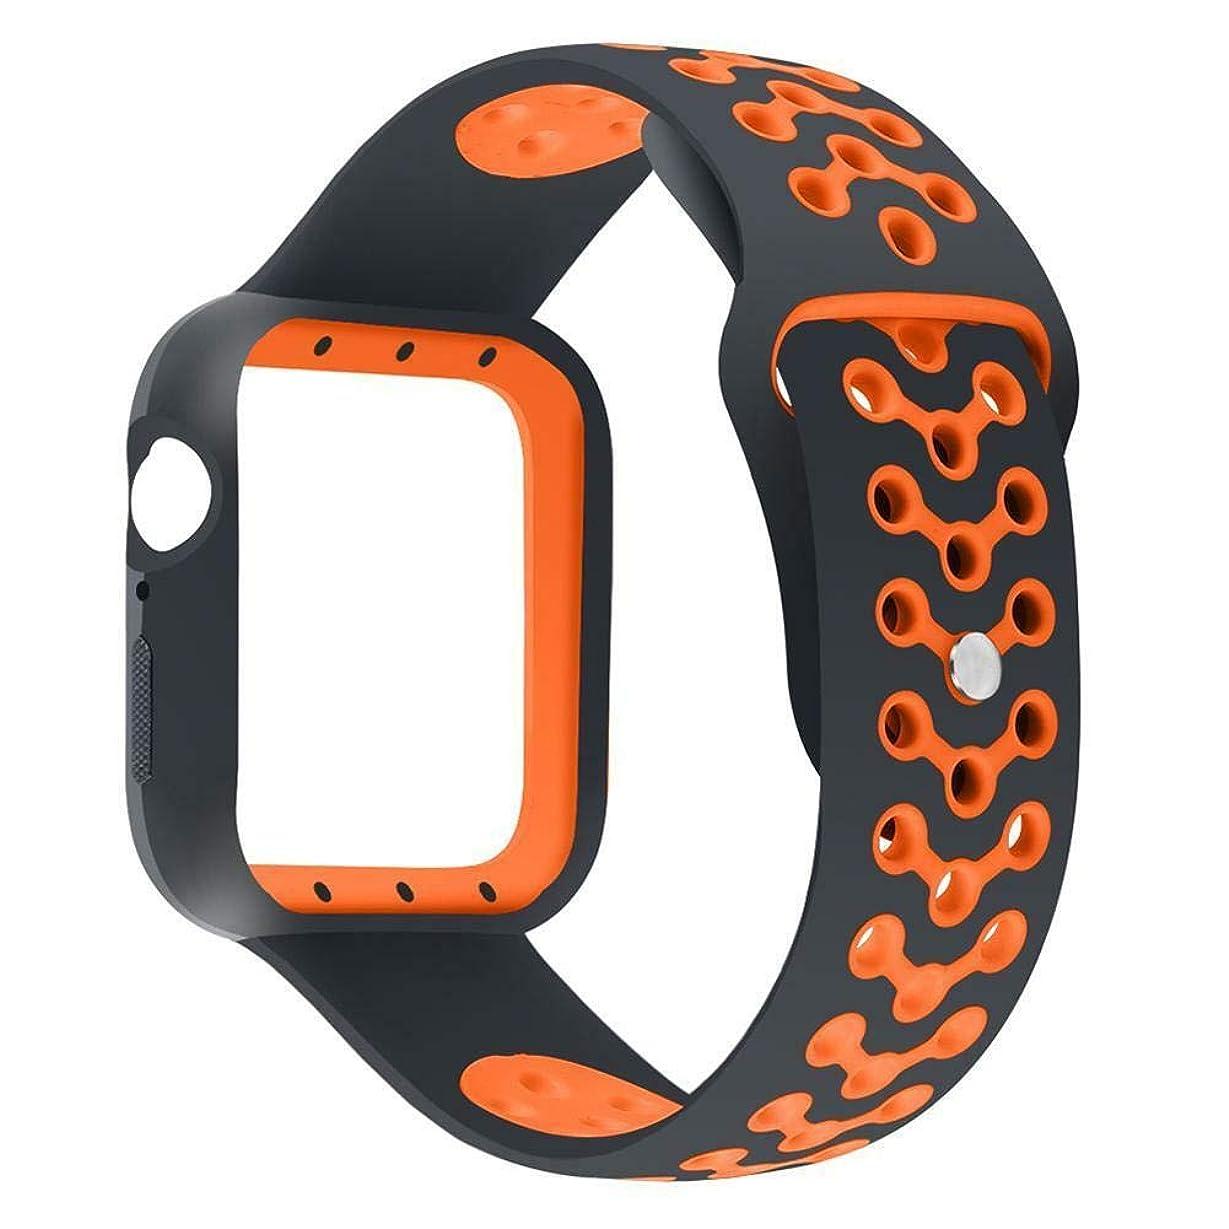 同盟通り抜けるひらめきFidgetGear Apple Watch Series 4 40 / 44mm用ソフトシリコンウォッチストラップ交換バンドベルト オレンジ44mm